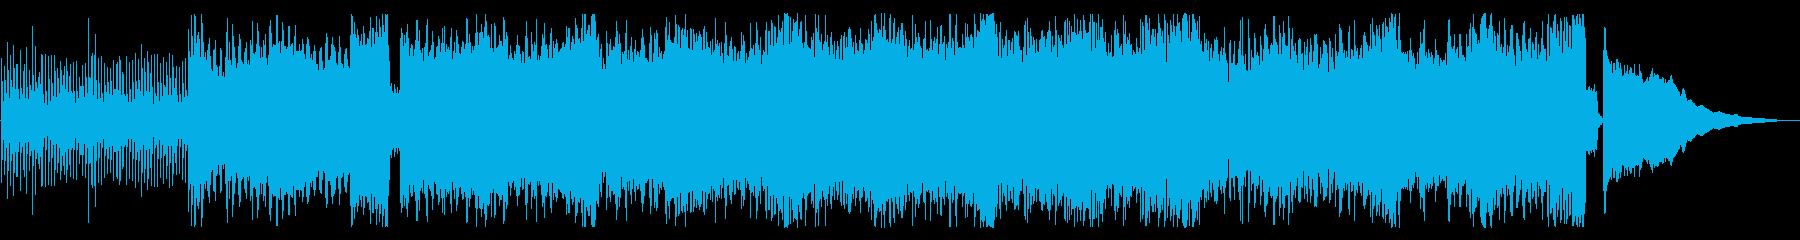 軽快でパワー感じるテクノポップの再生済みの波形